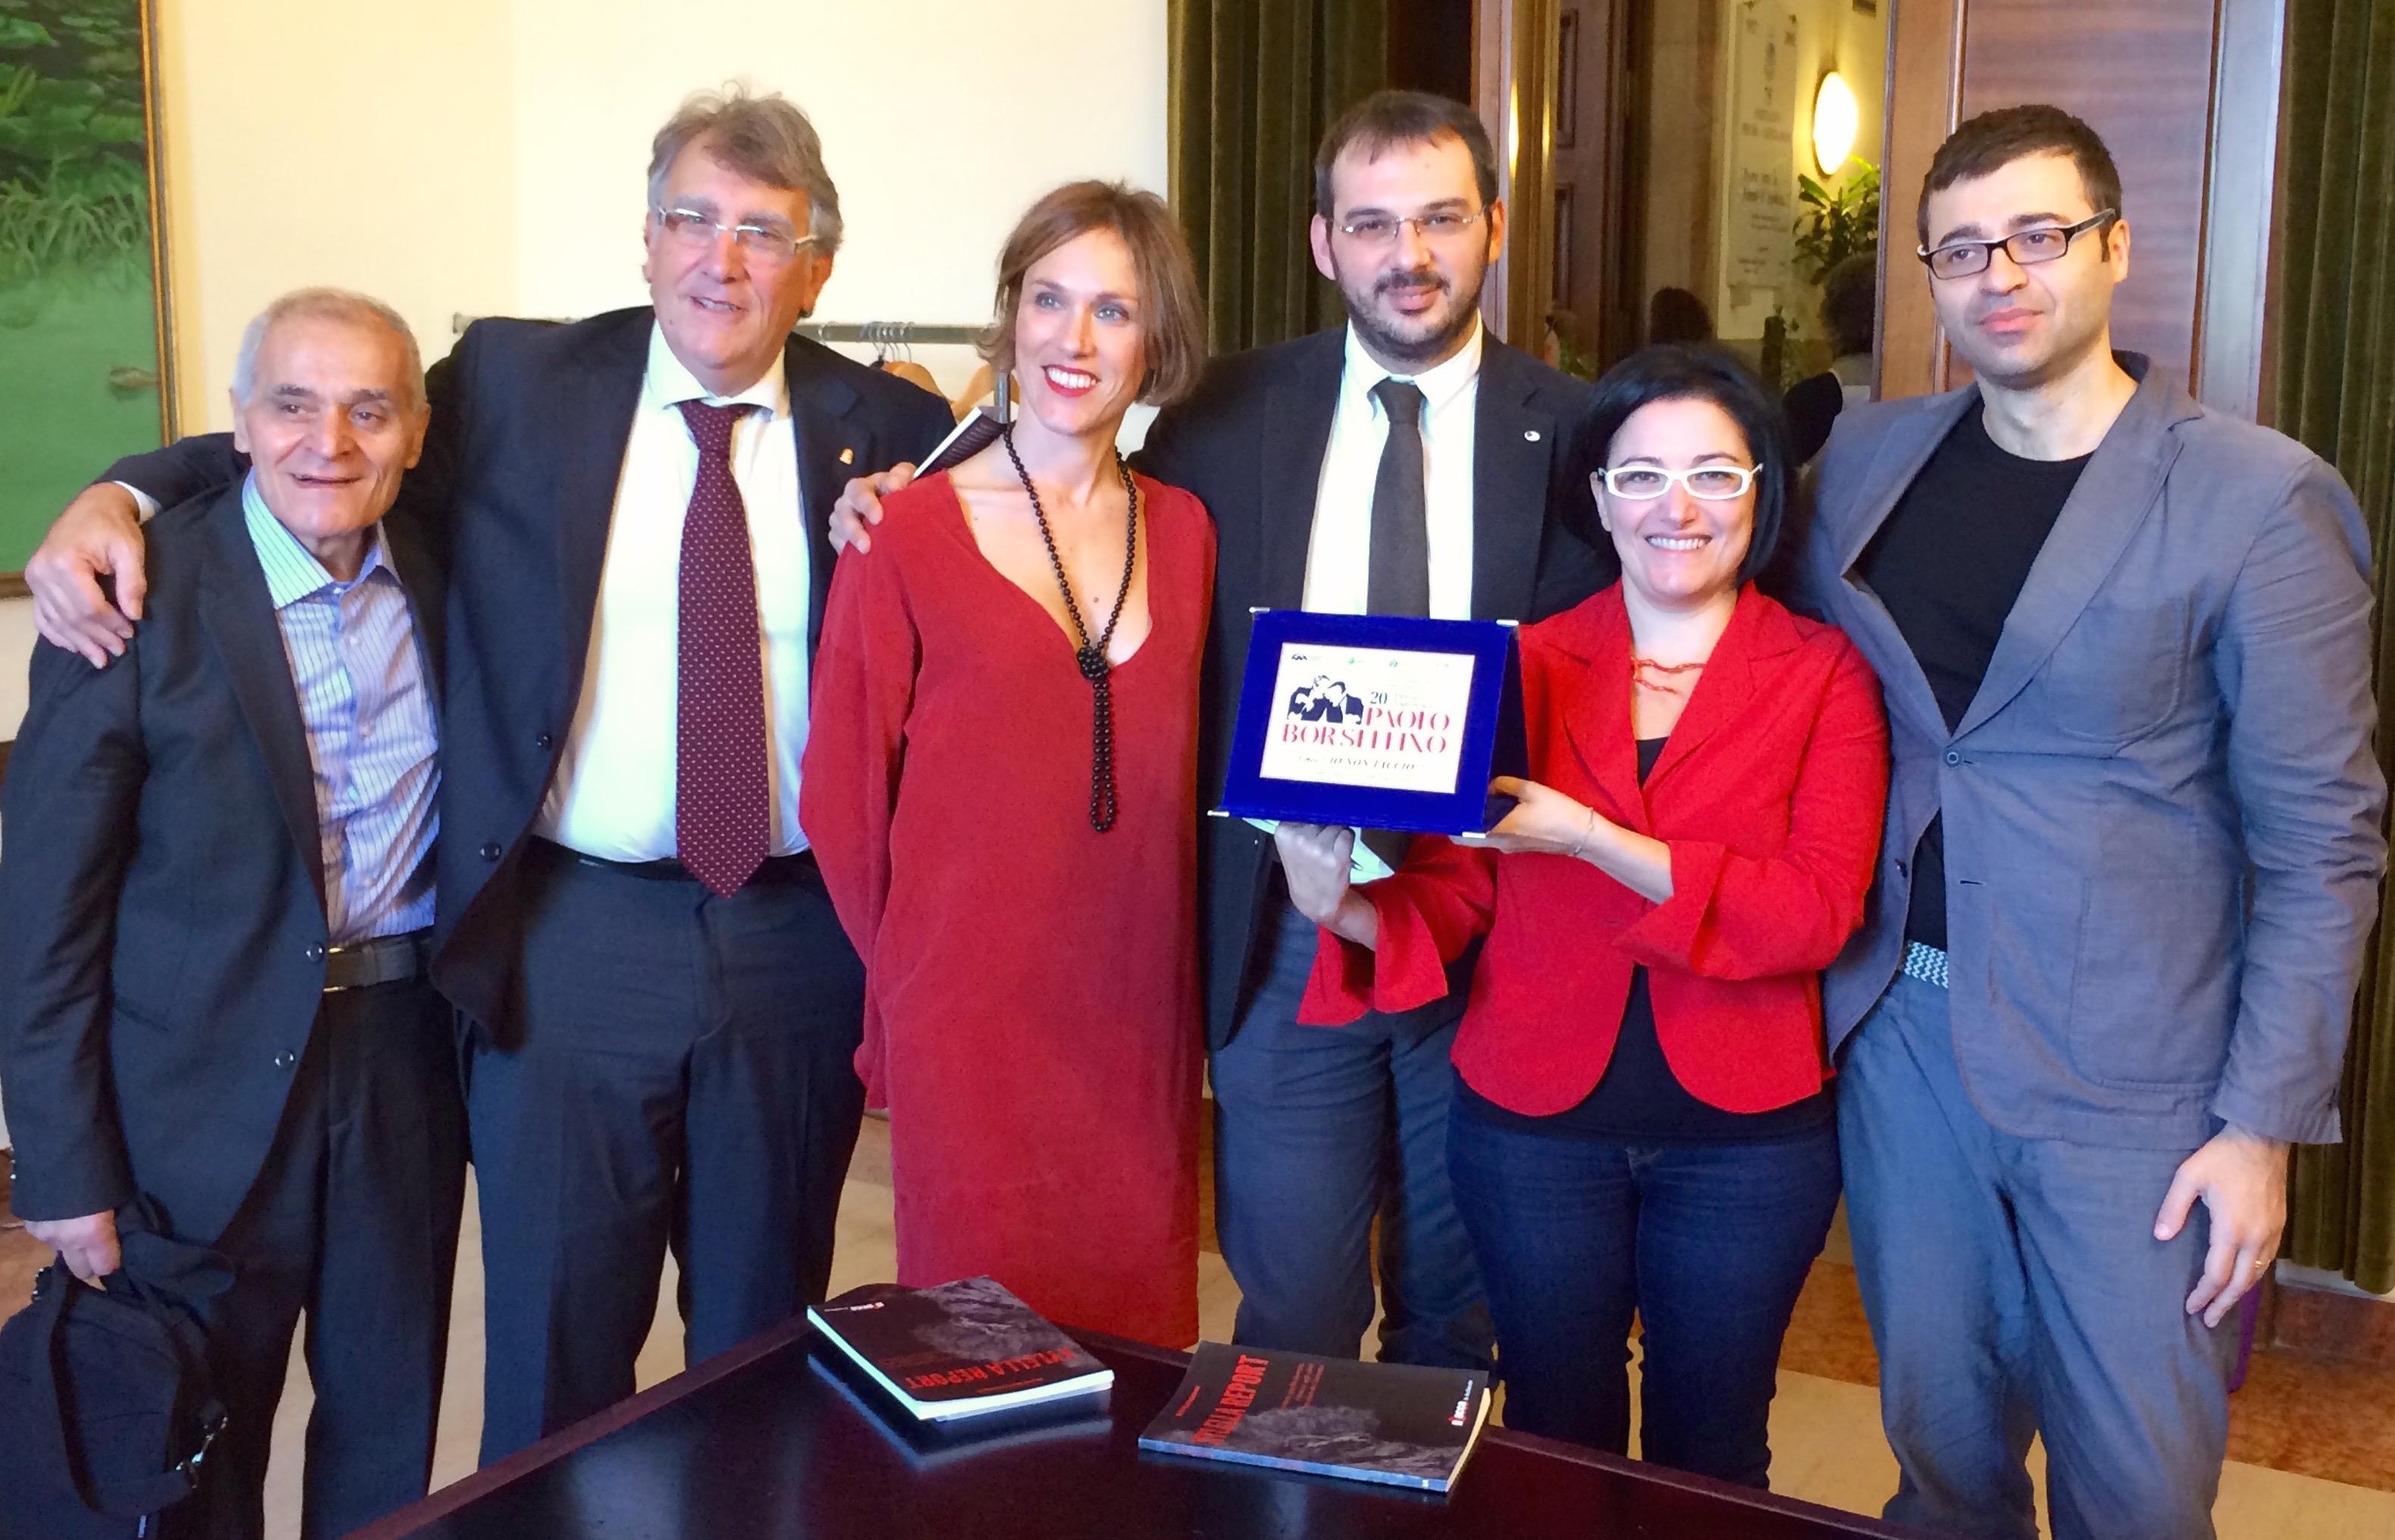 Premio Borsellino 2015 al libro IO NON TACCIO